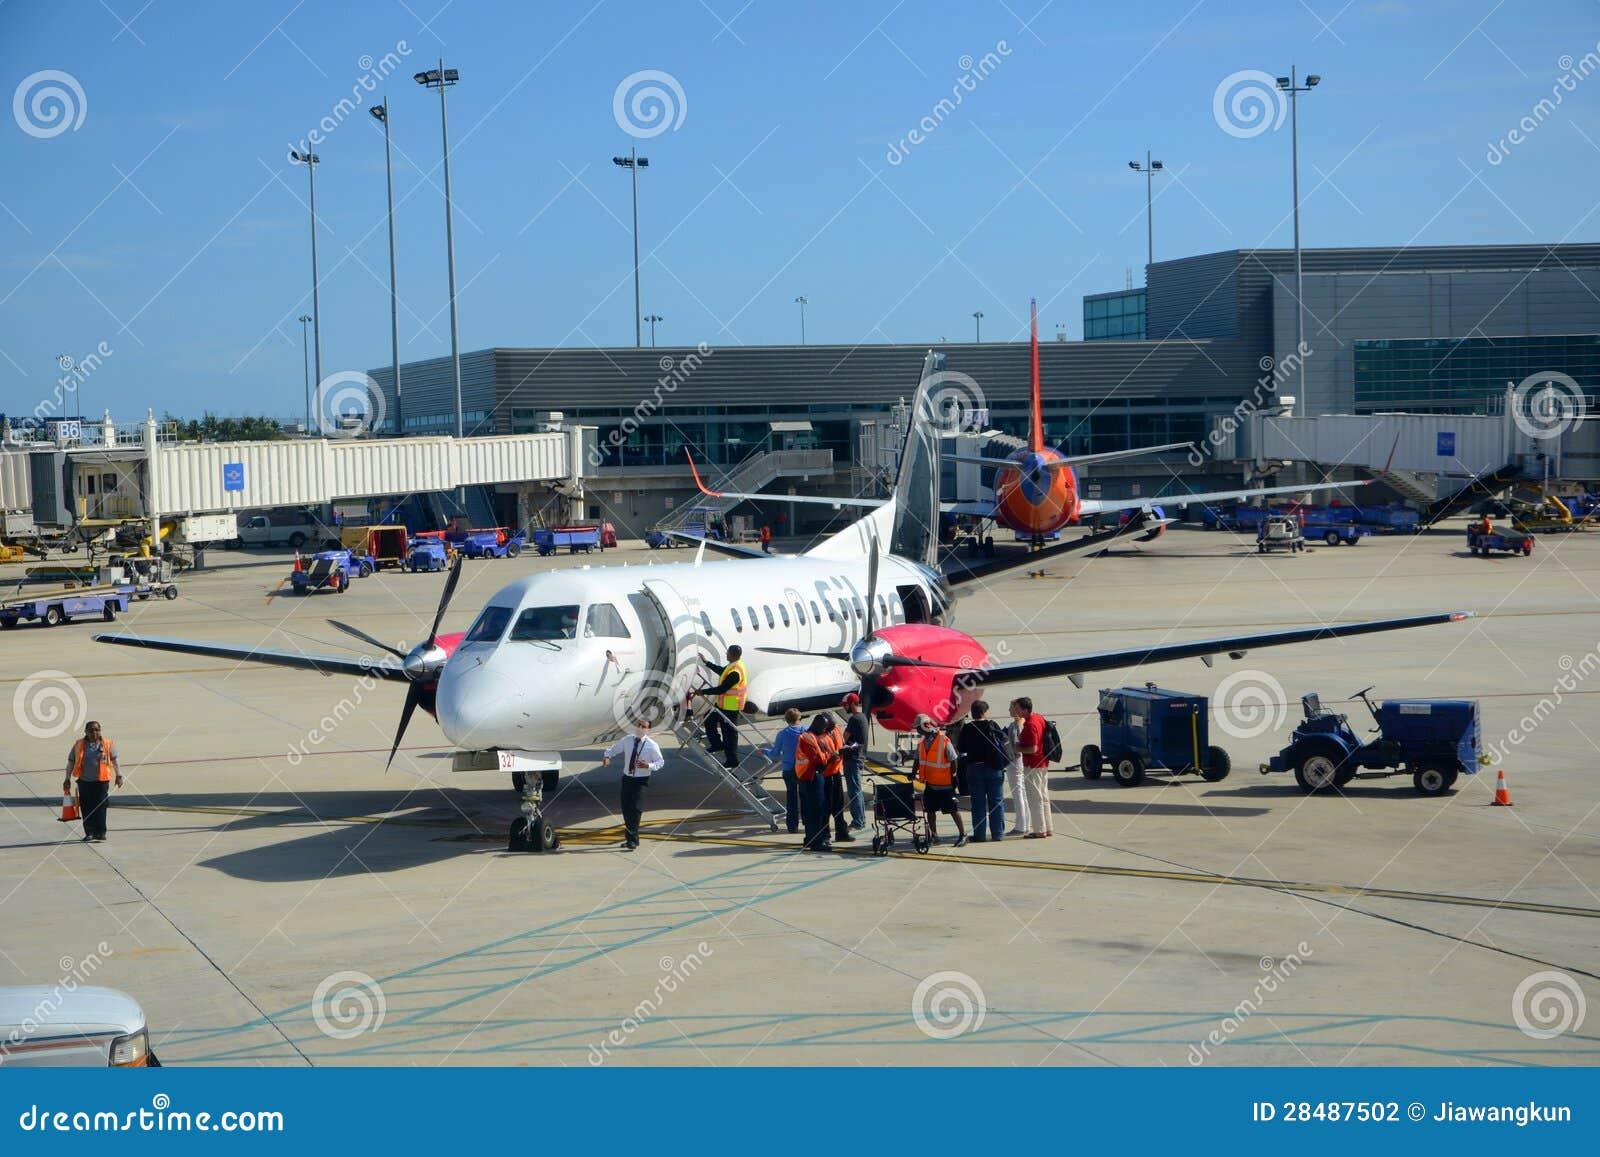 About Jet Airways